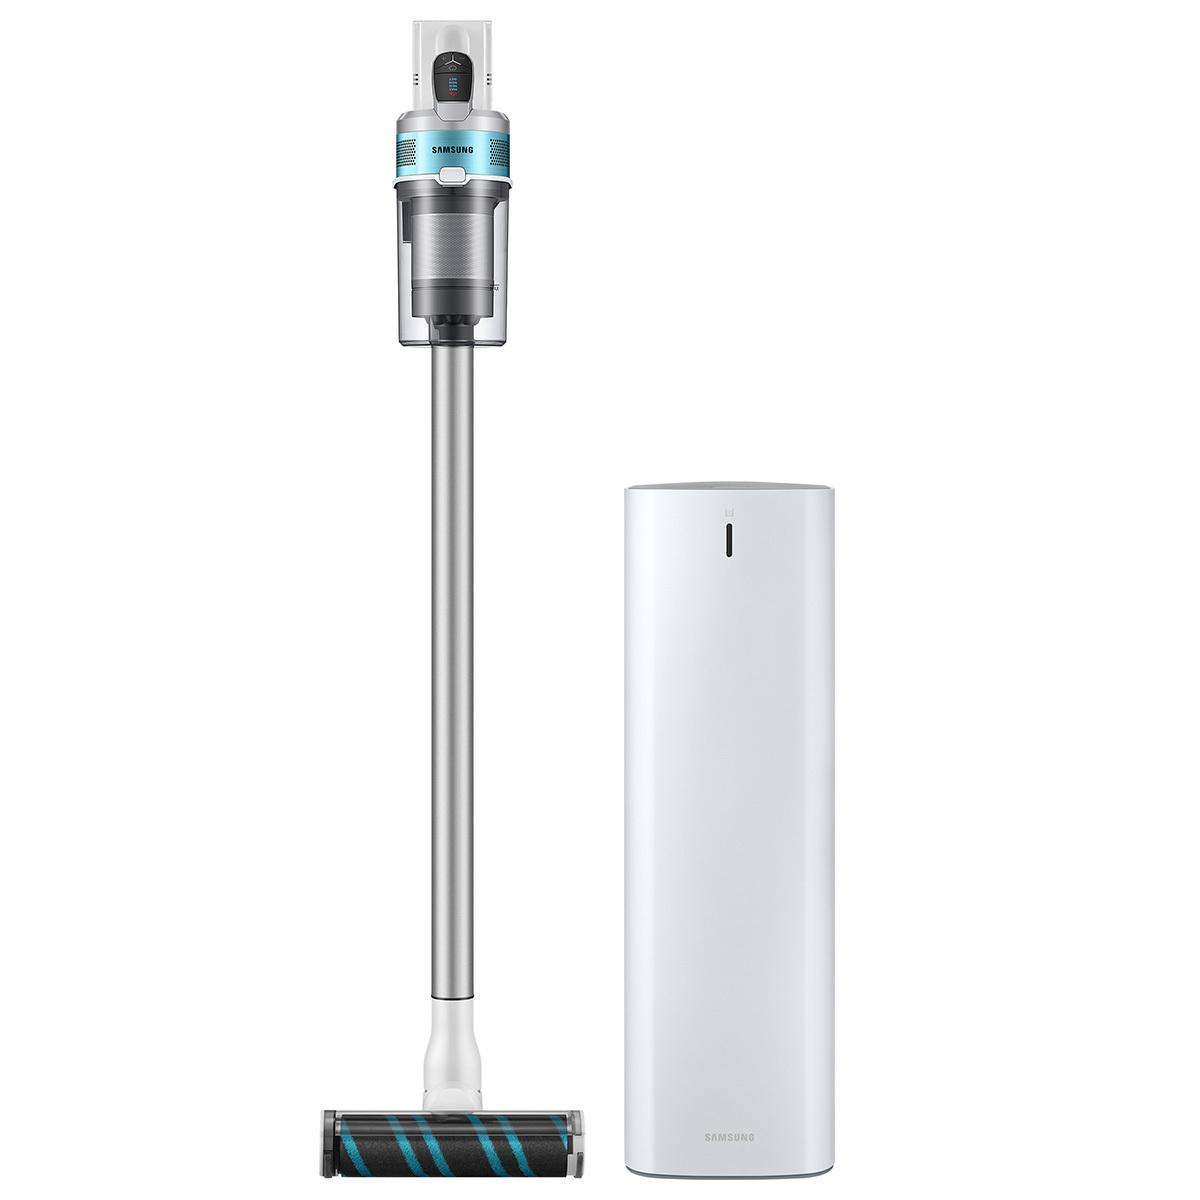 삼성 제트 청소기 청정스테이션 세트 VS15T7037P1